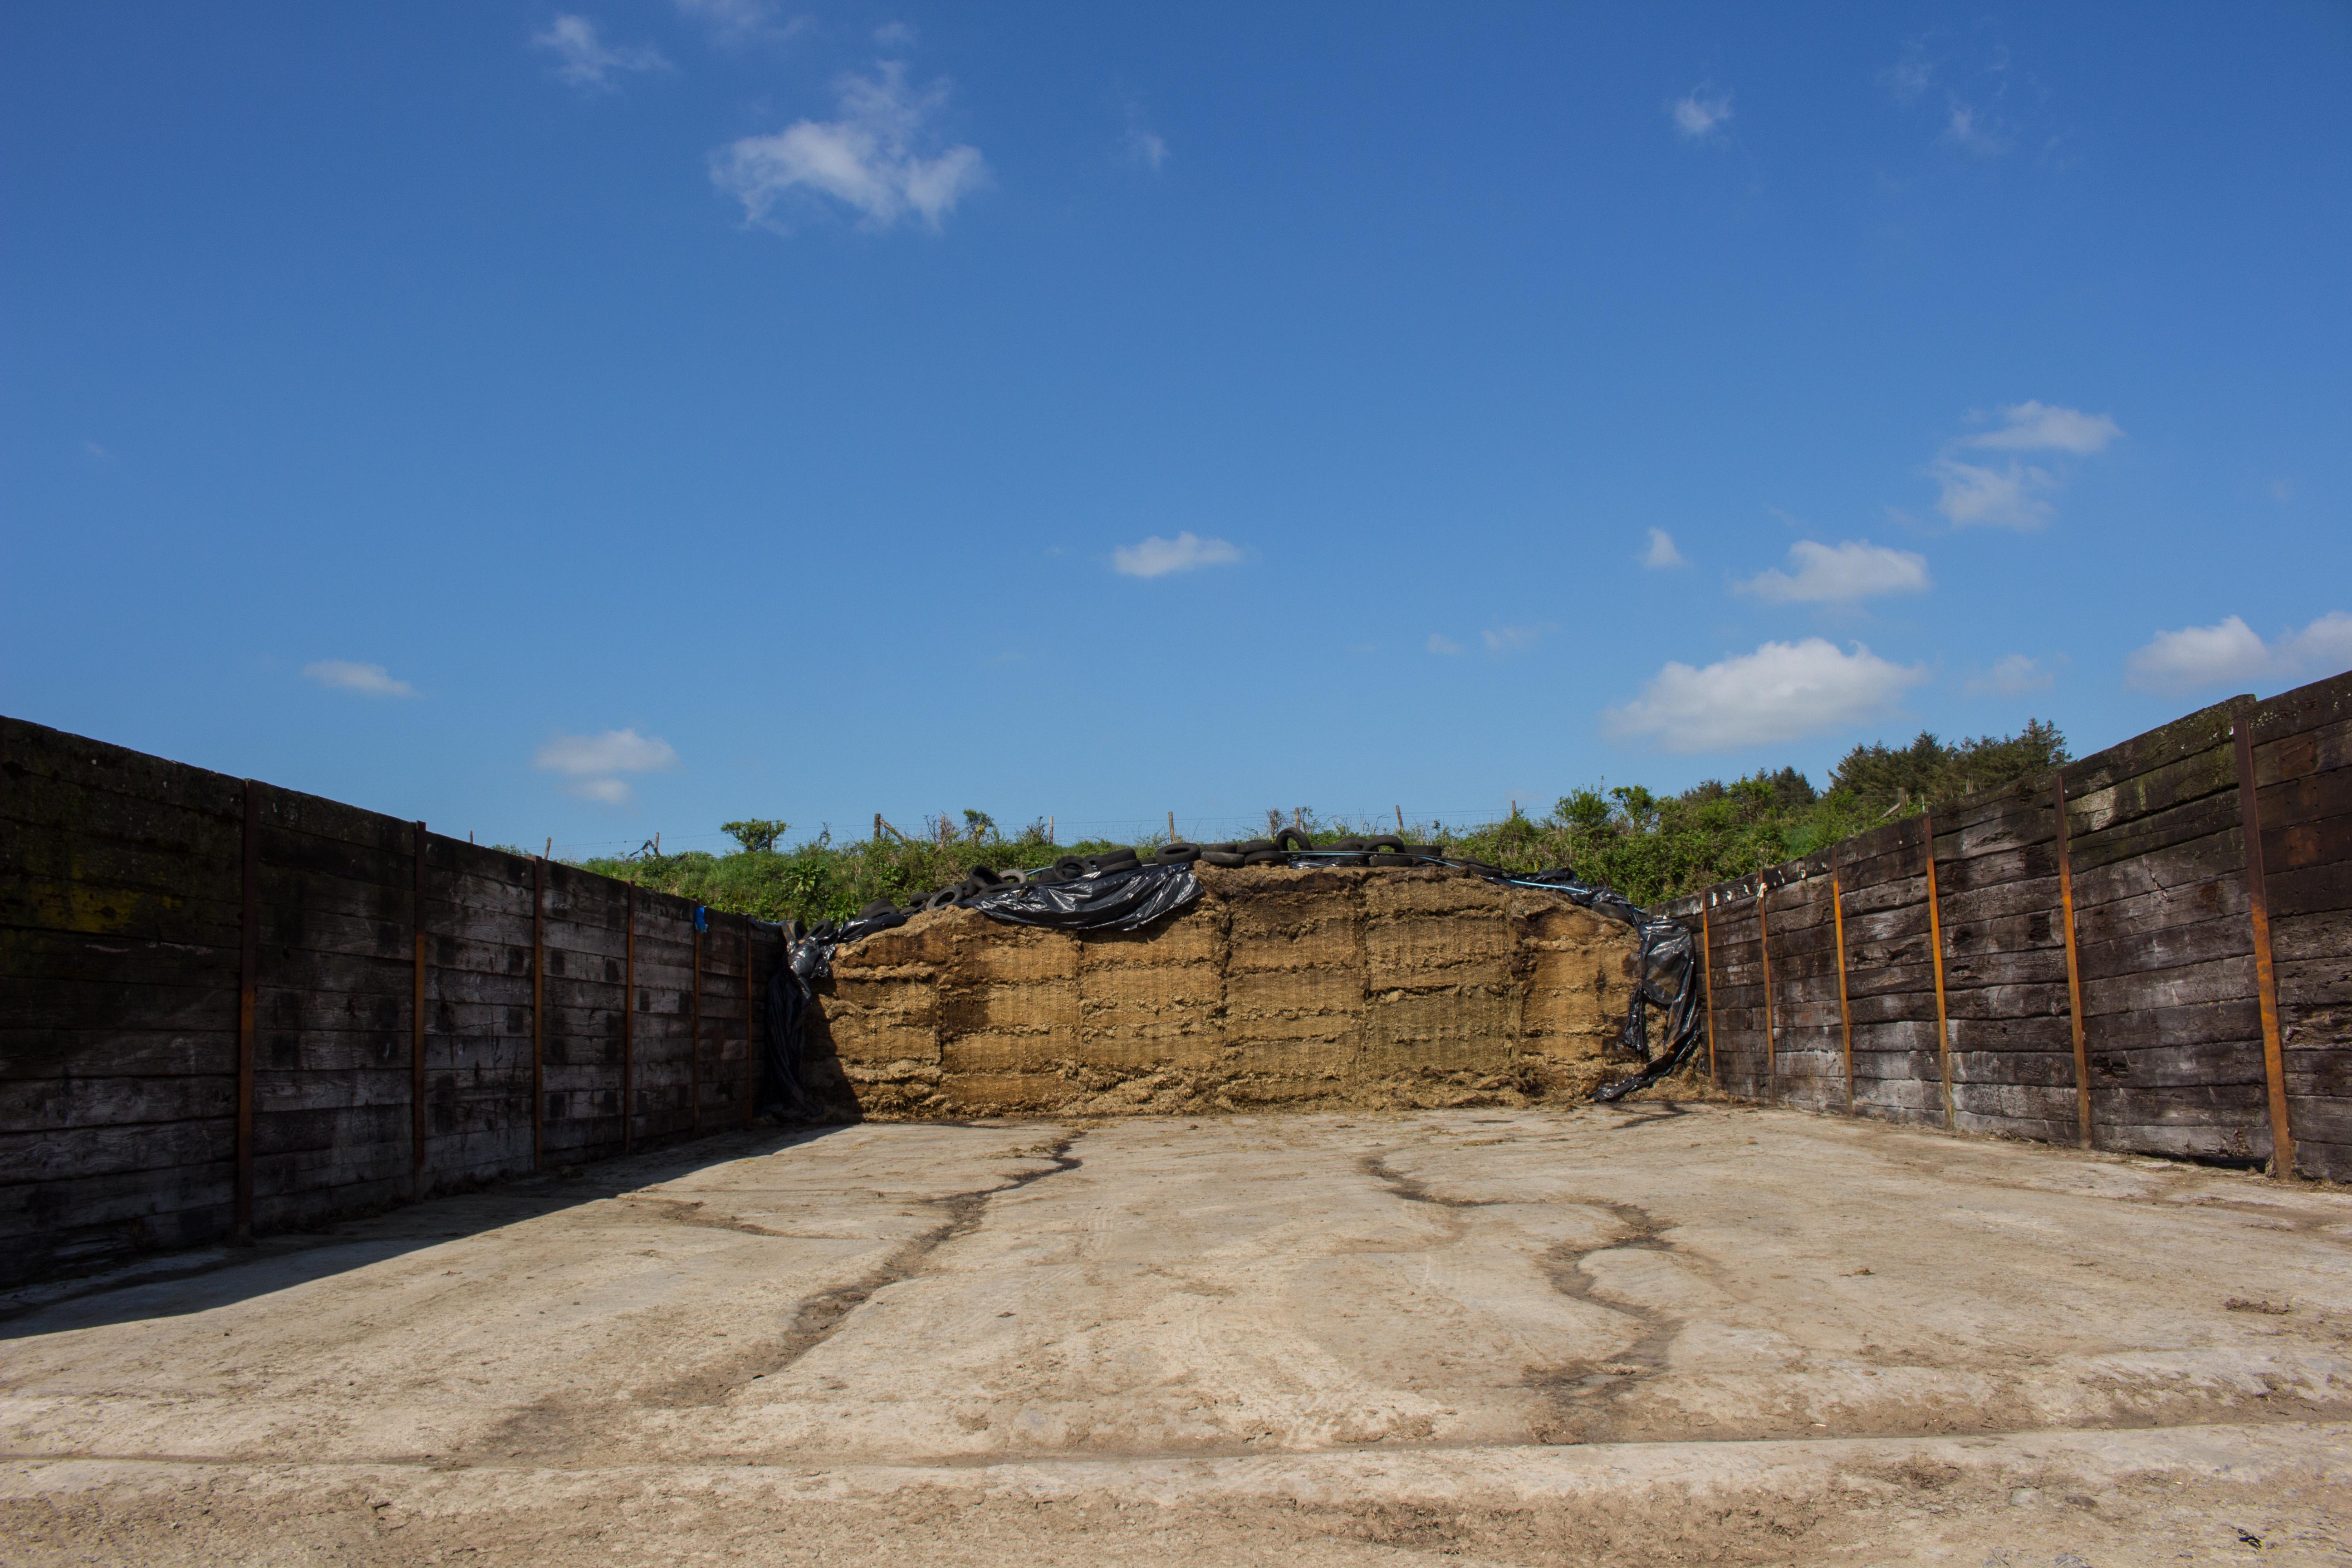 Silage Bunker